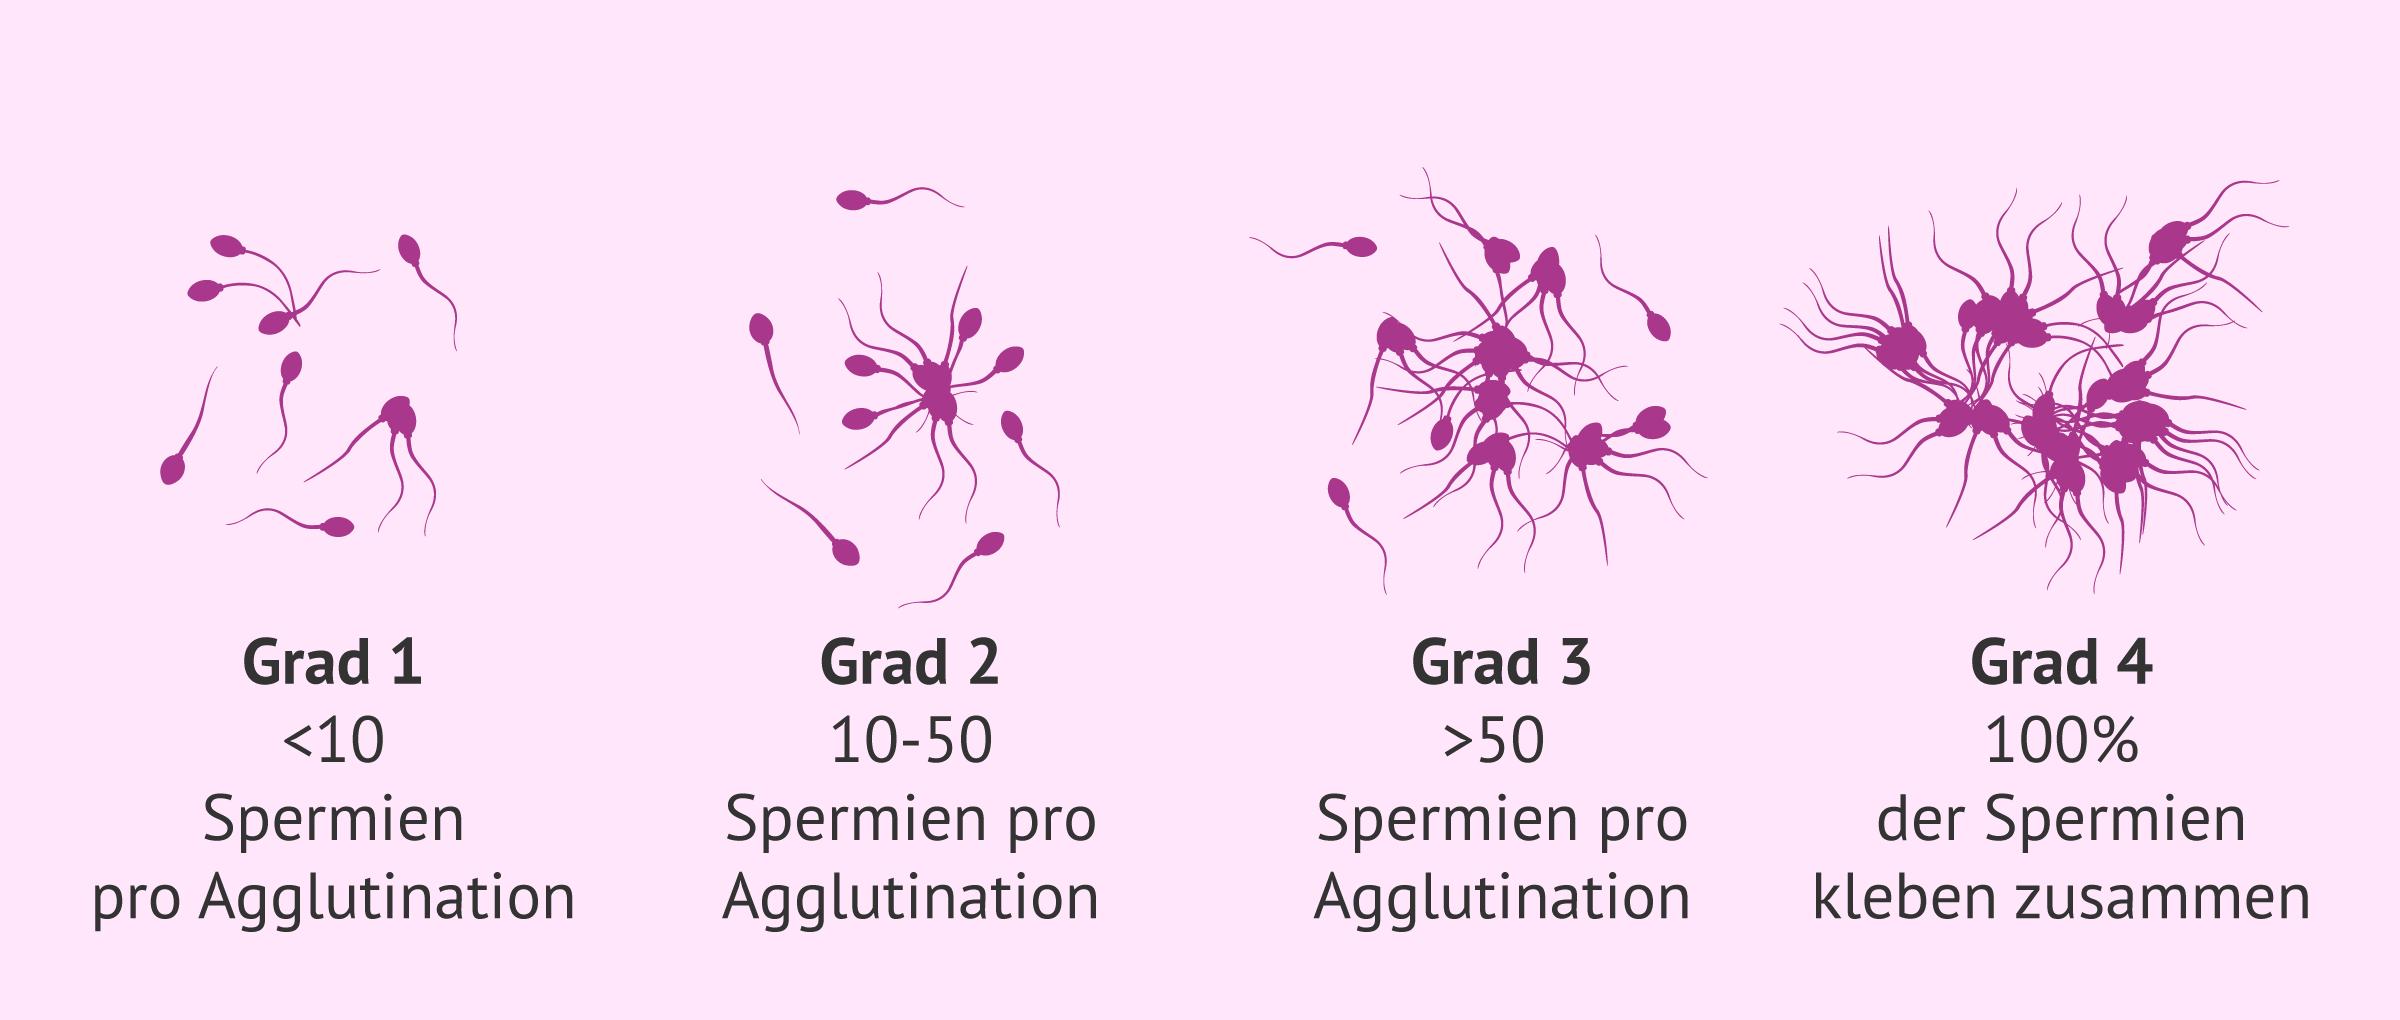 Agglutination der Spermien: Schweregrade